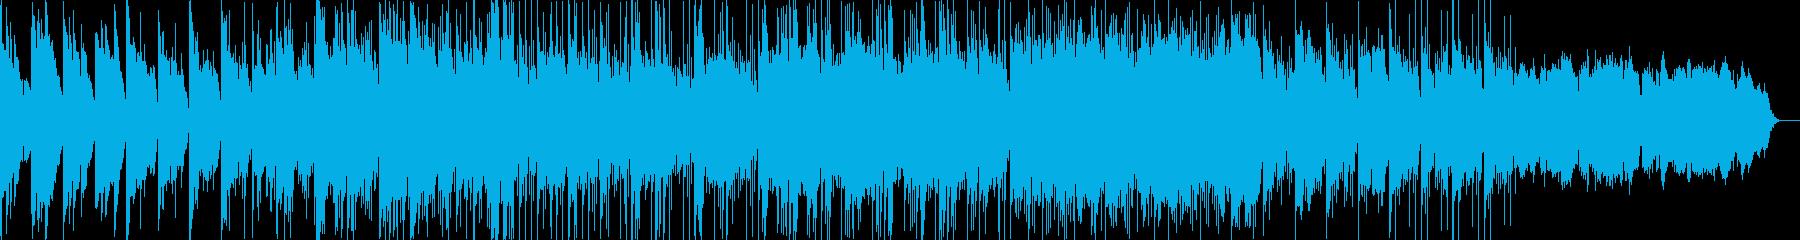 イージーリスニング 説明的 静か ...の再生済みの波形